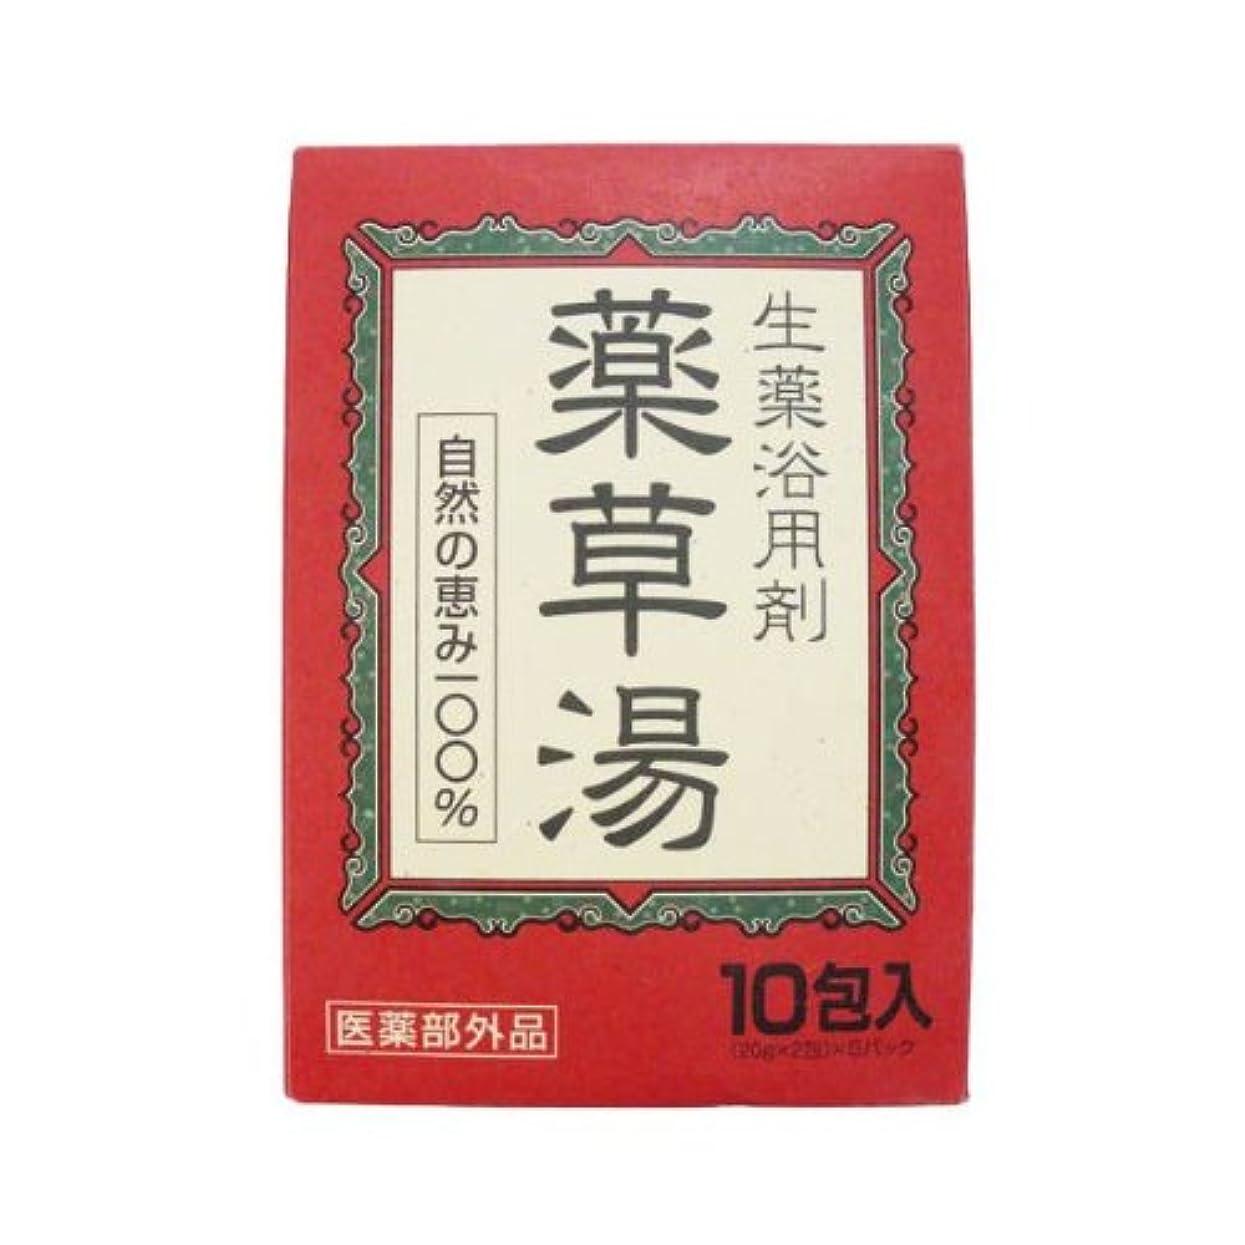 清める中間枯渇VVN生薬入浴剤薬草湯10包×(20セット)